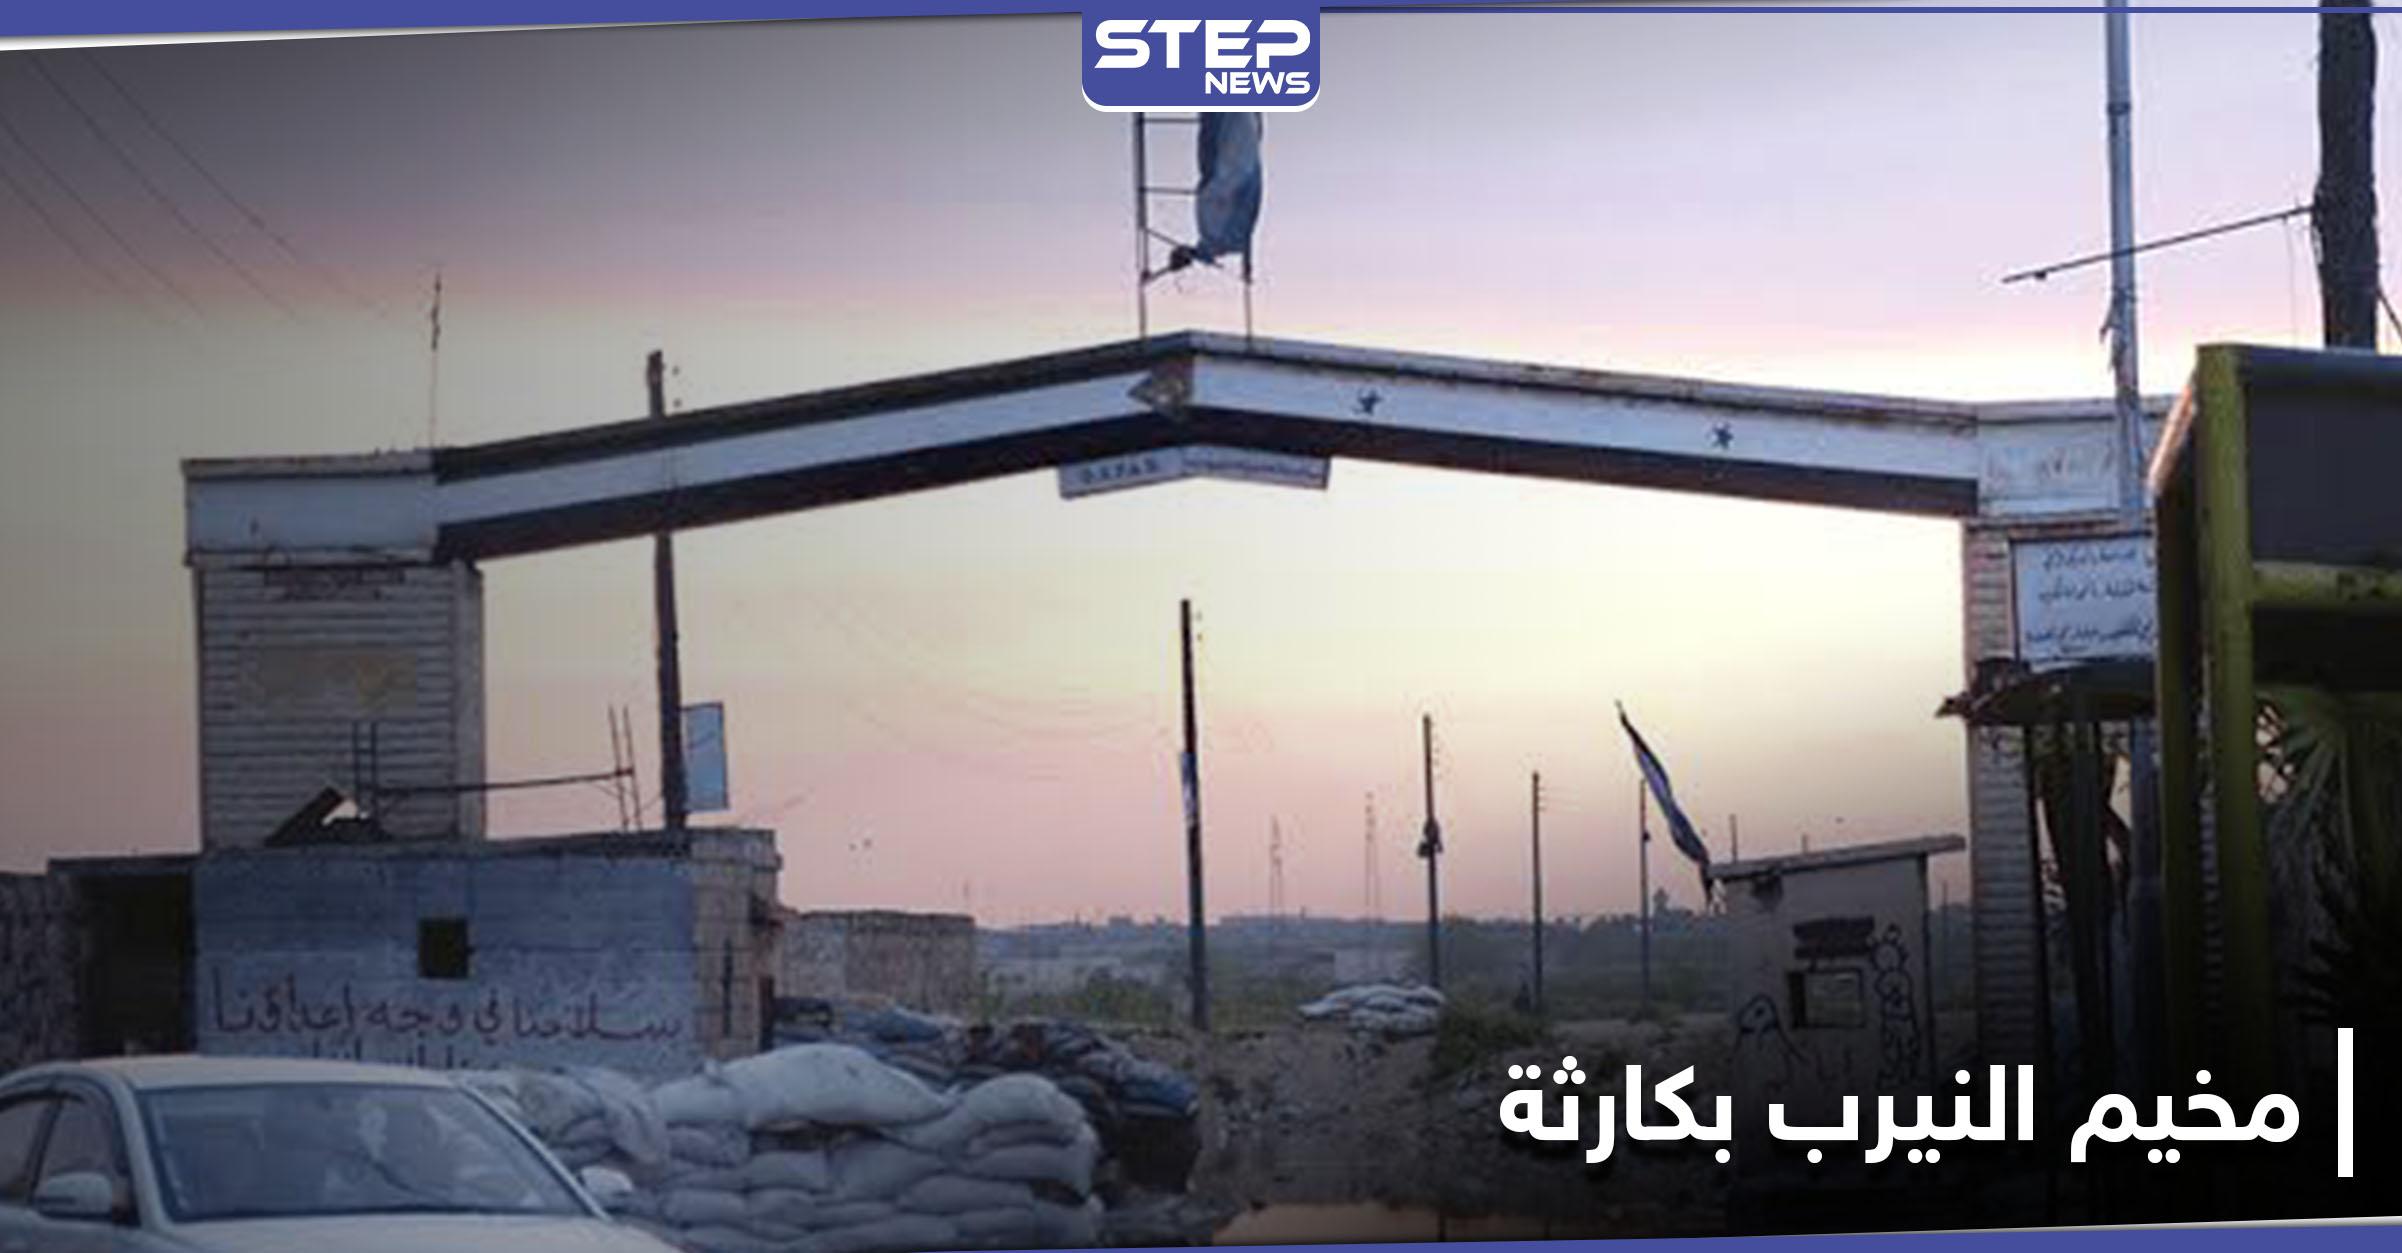 قادة الميليشيات الفلسطينية يناشدون الأونروا لإنقاذ مخيم النيرب